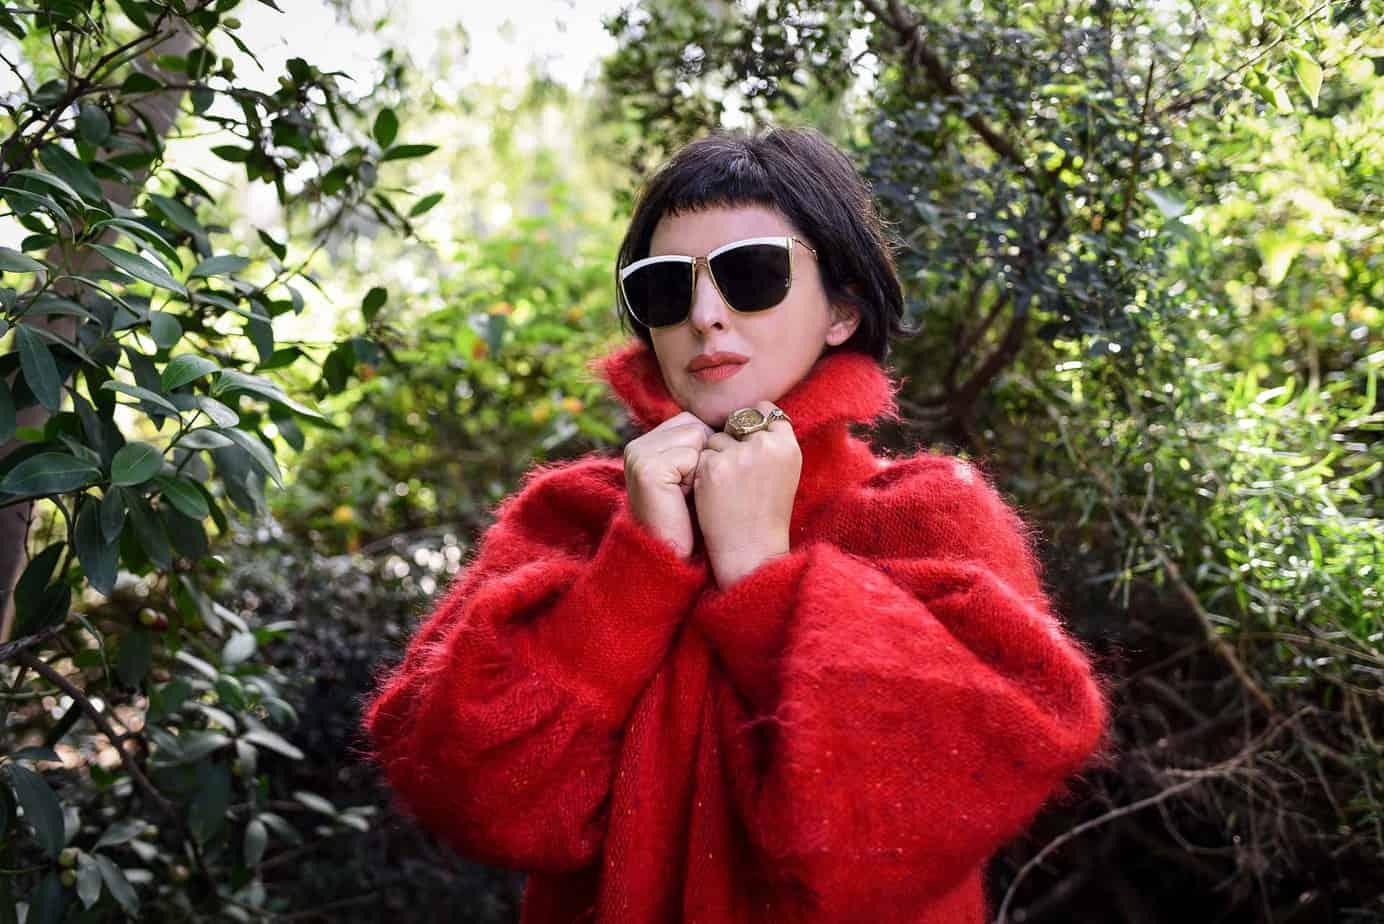 לארה רוסנובסקי, מעצבת אופנה, צילום לימור יערי - 3